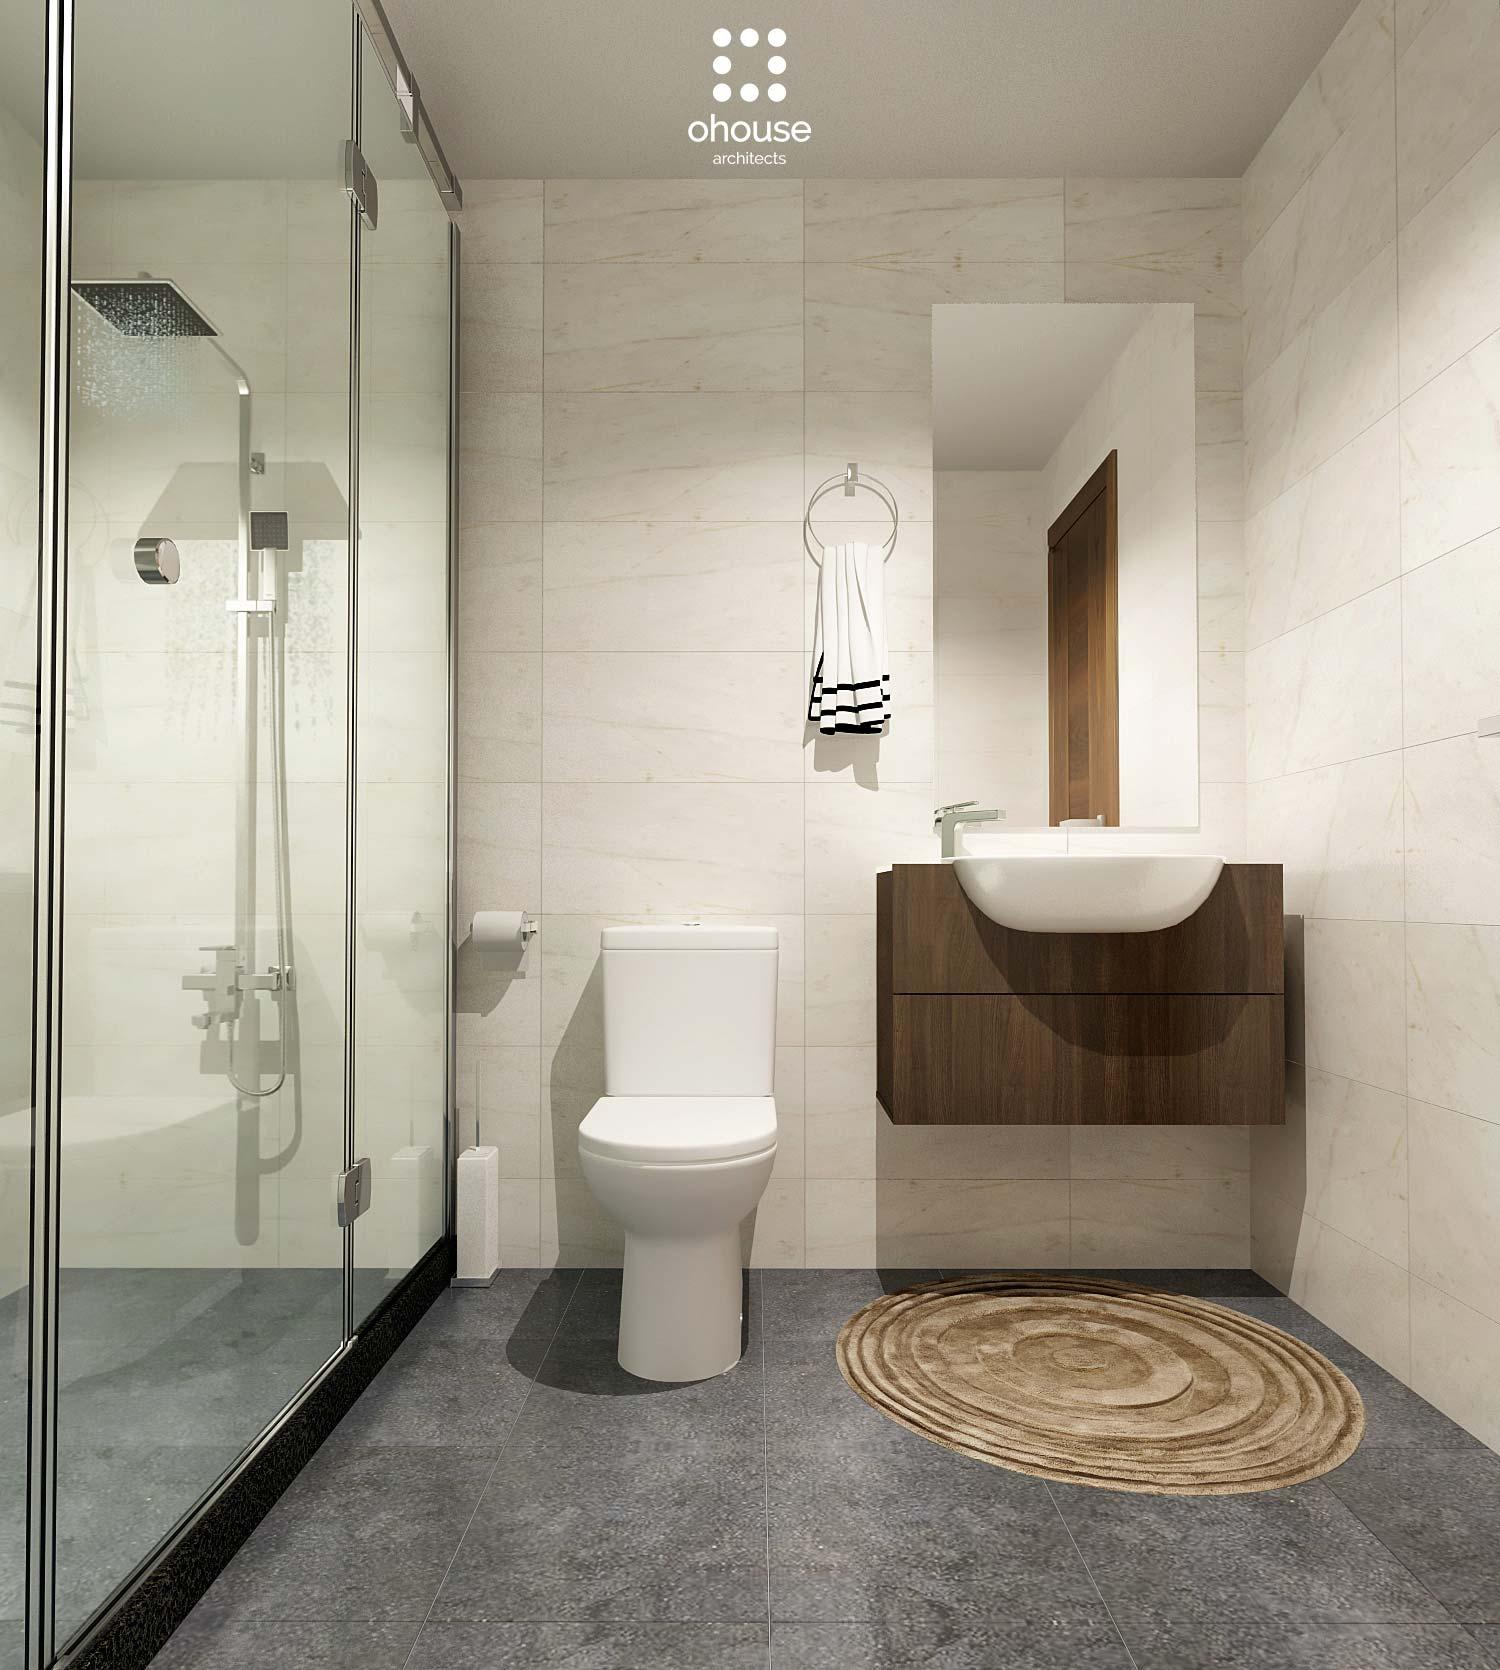 thiết kế nội thất chung cư tại Hồ Chí Minh Trung Apartment 10 1566995052